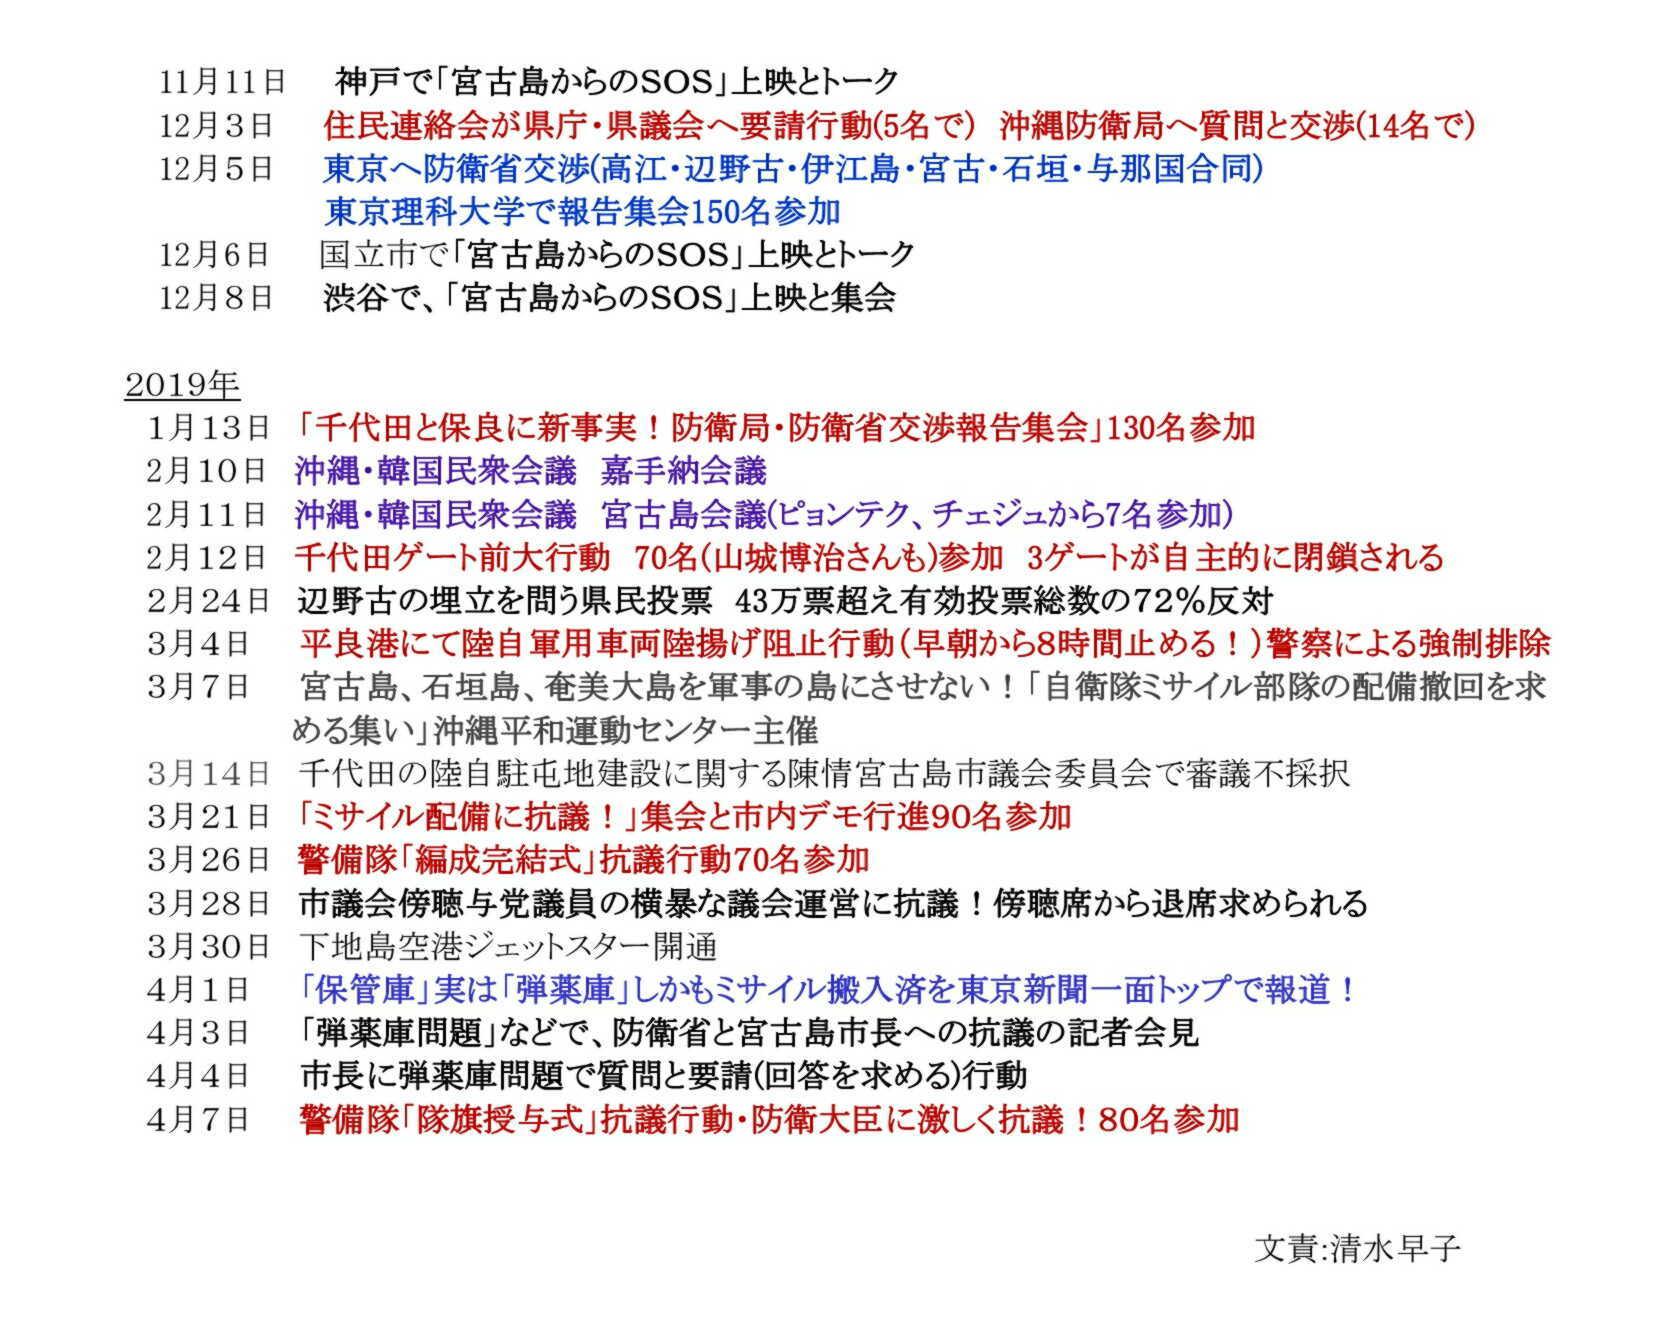 年表:宮古島における反軍反基地の闘い2010~2019 (1)0010